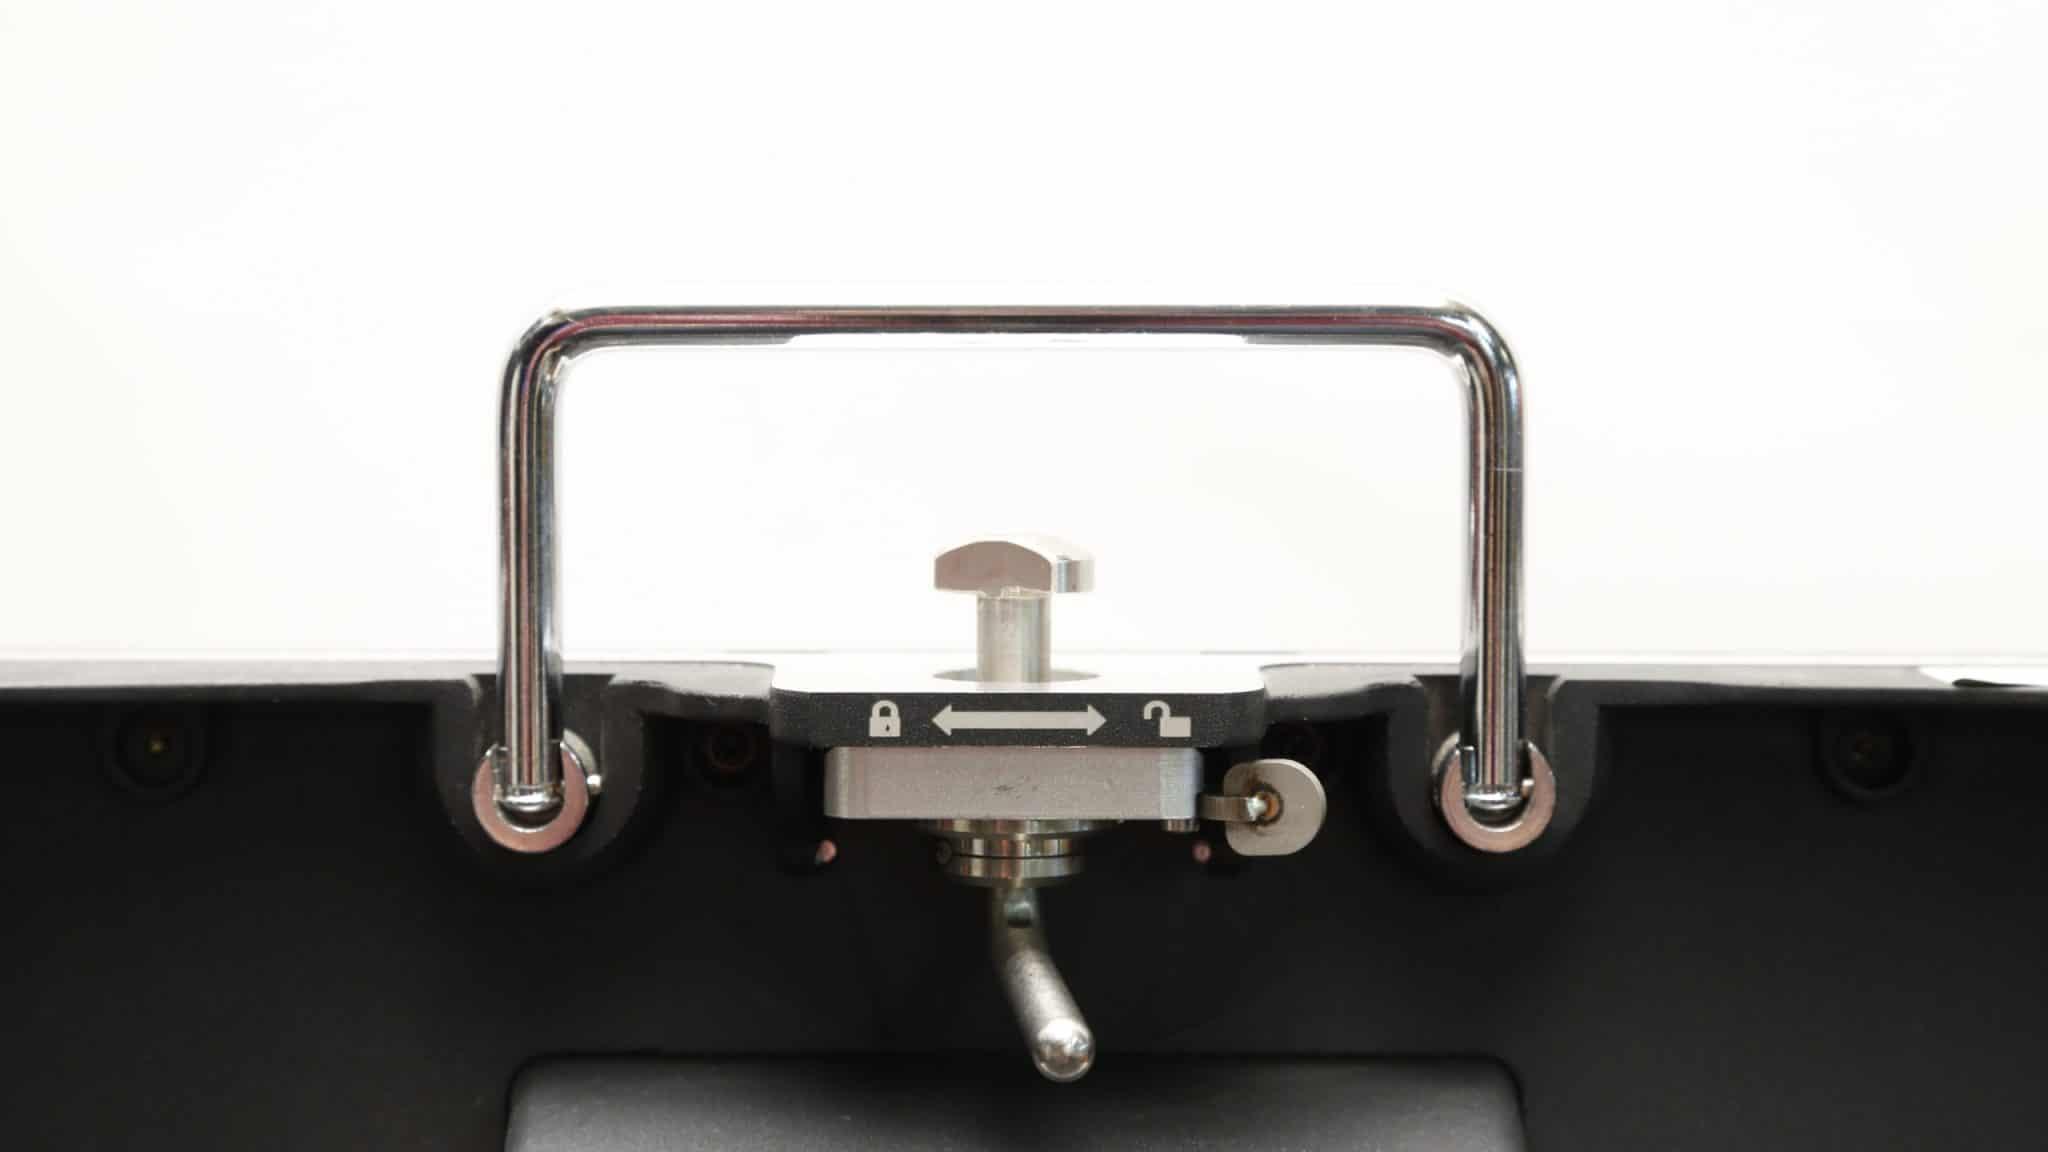 LEDitgo sB3-45 Toplock